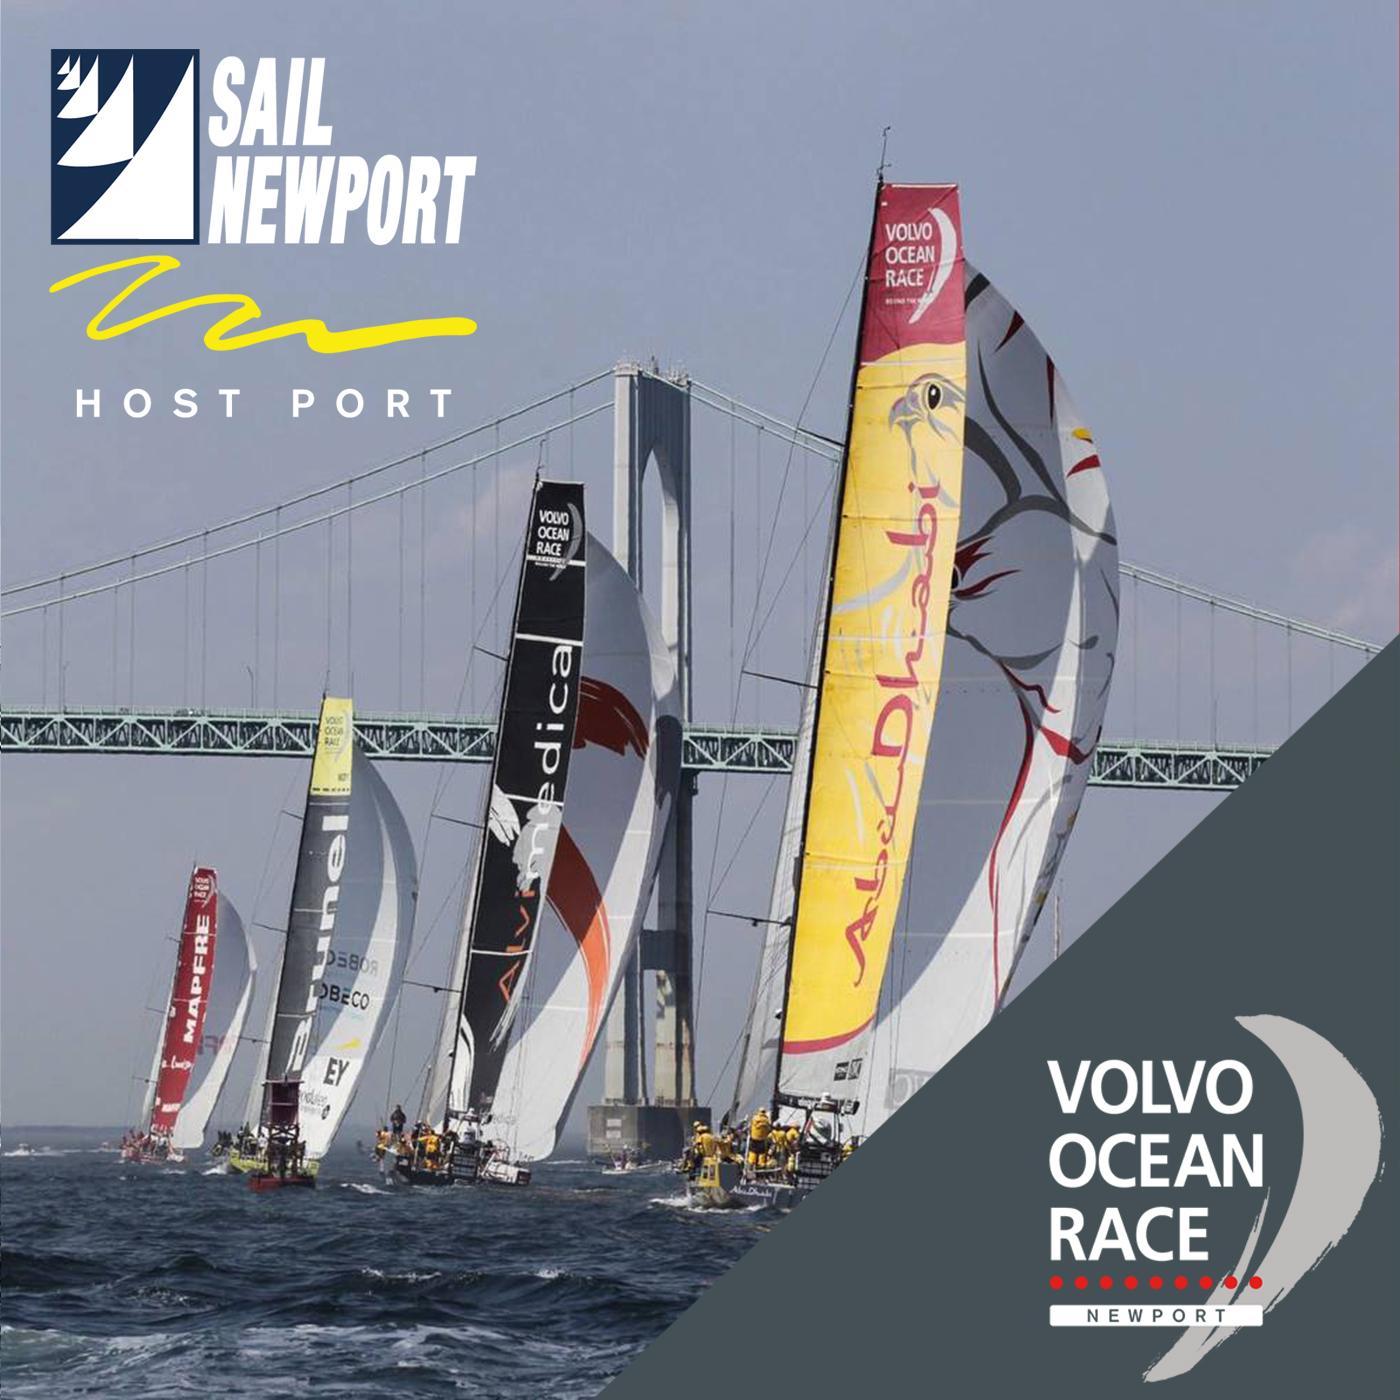 Volvo Ocean Race Newport Podcast show art